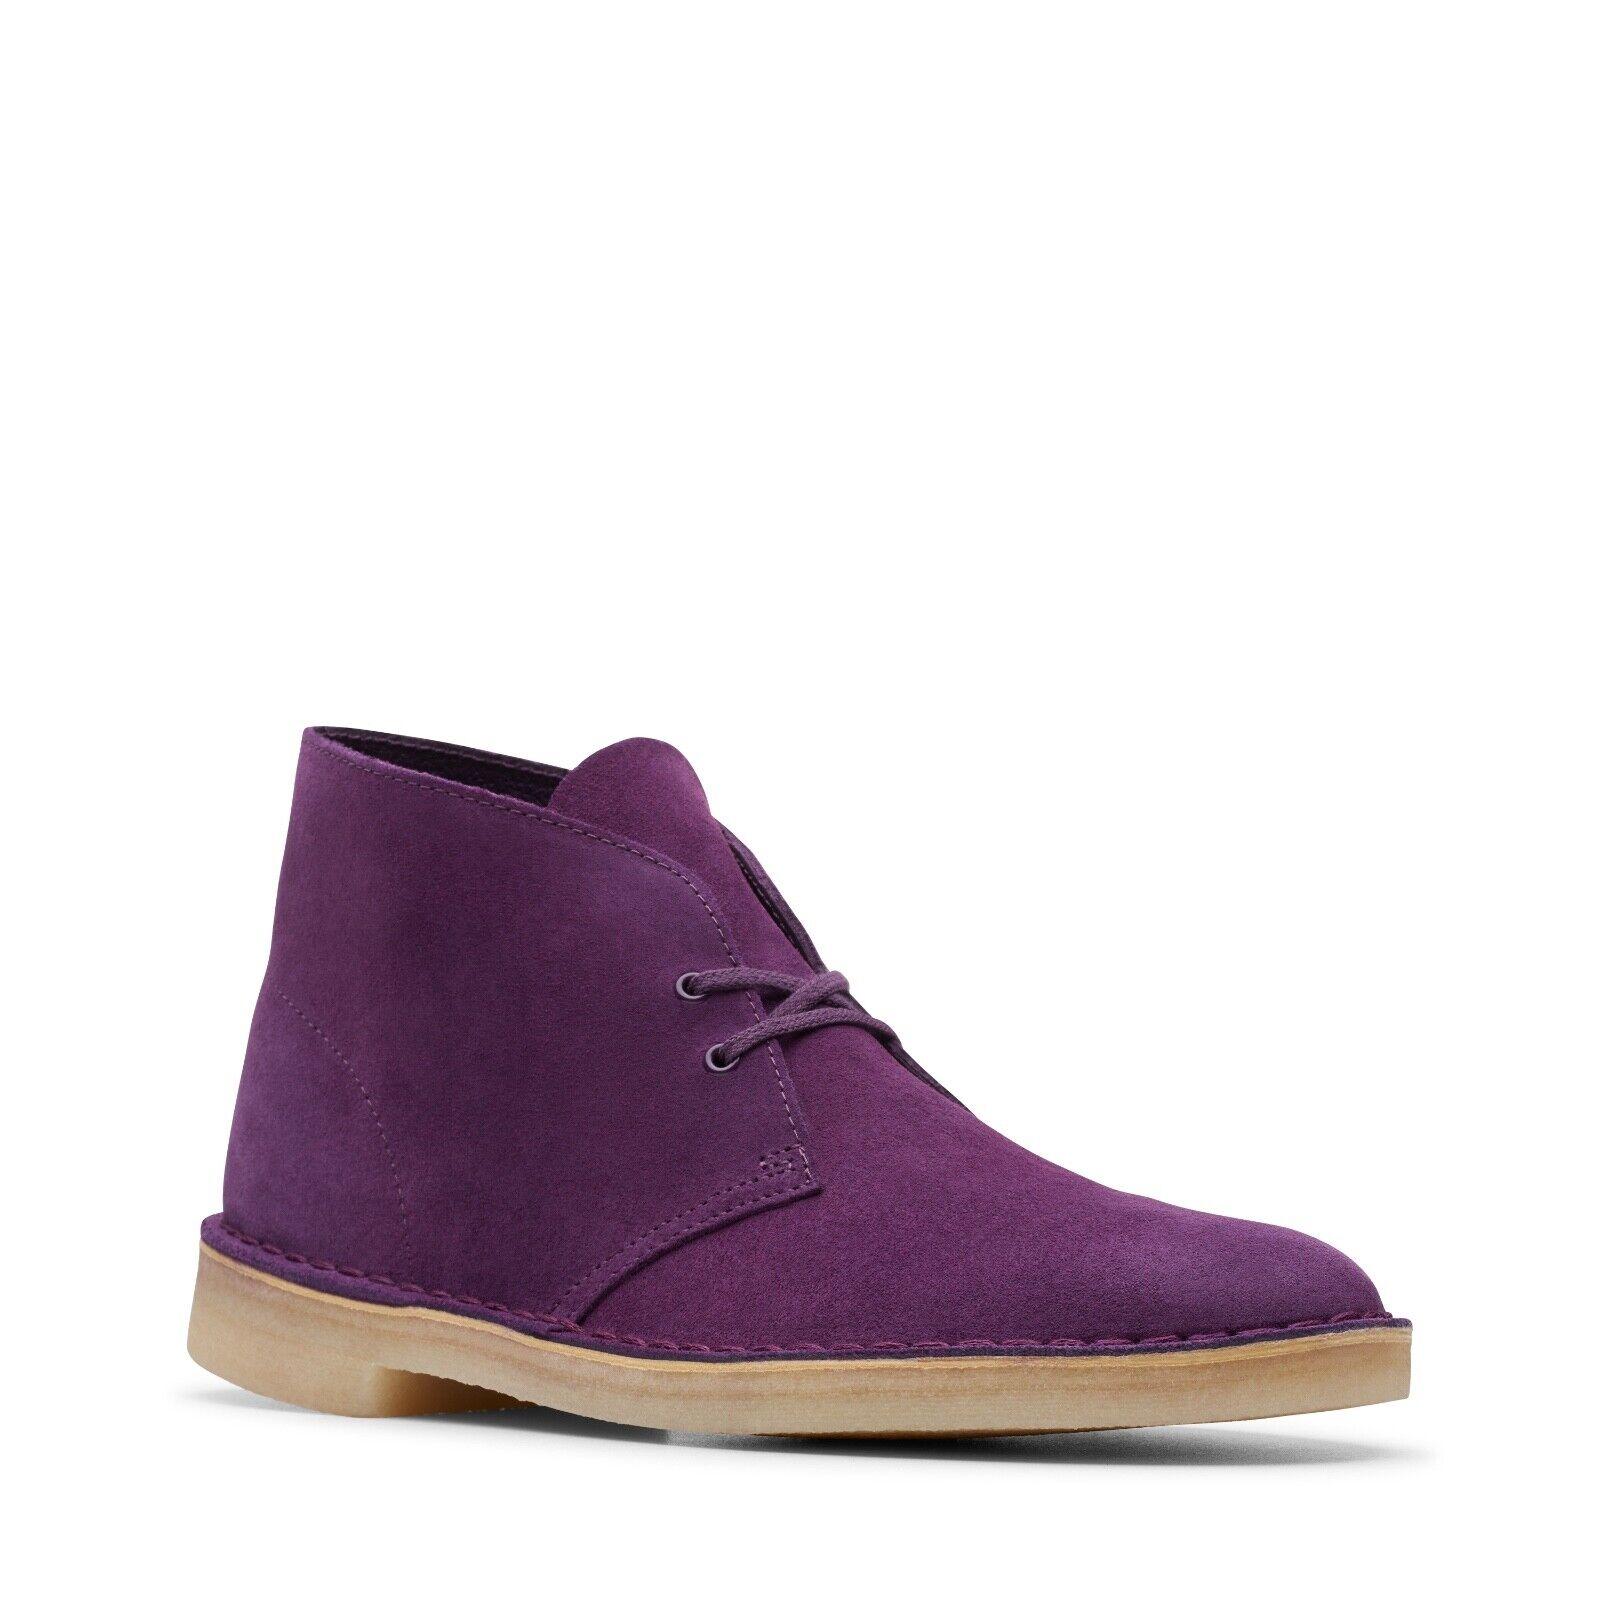 Clarks Originals Men's Desert Boots Deep Purple Suede 26144167